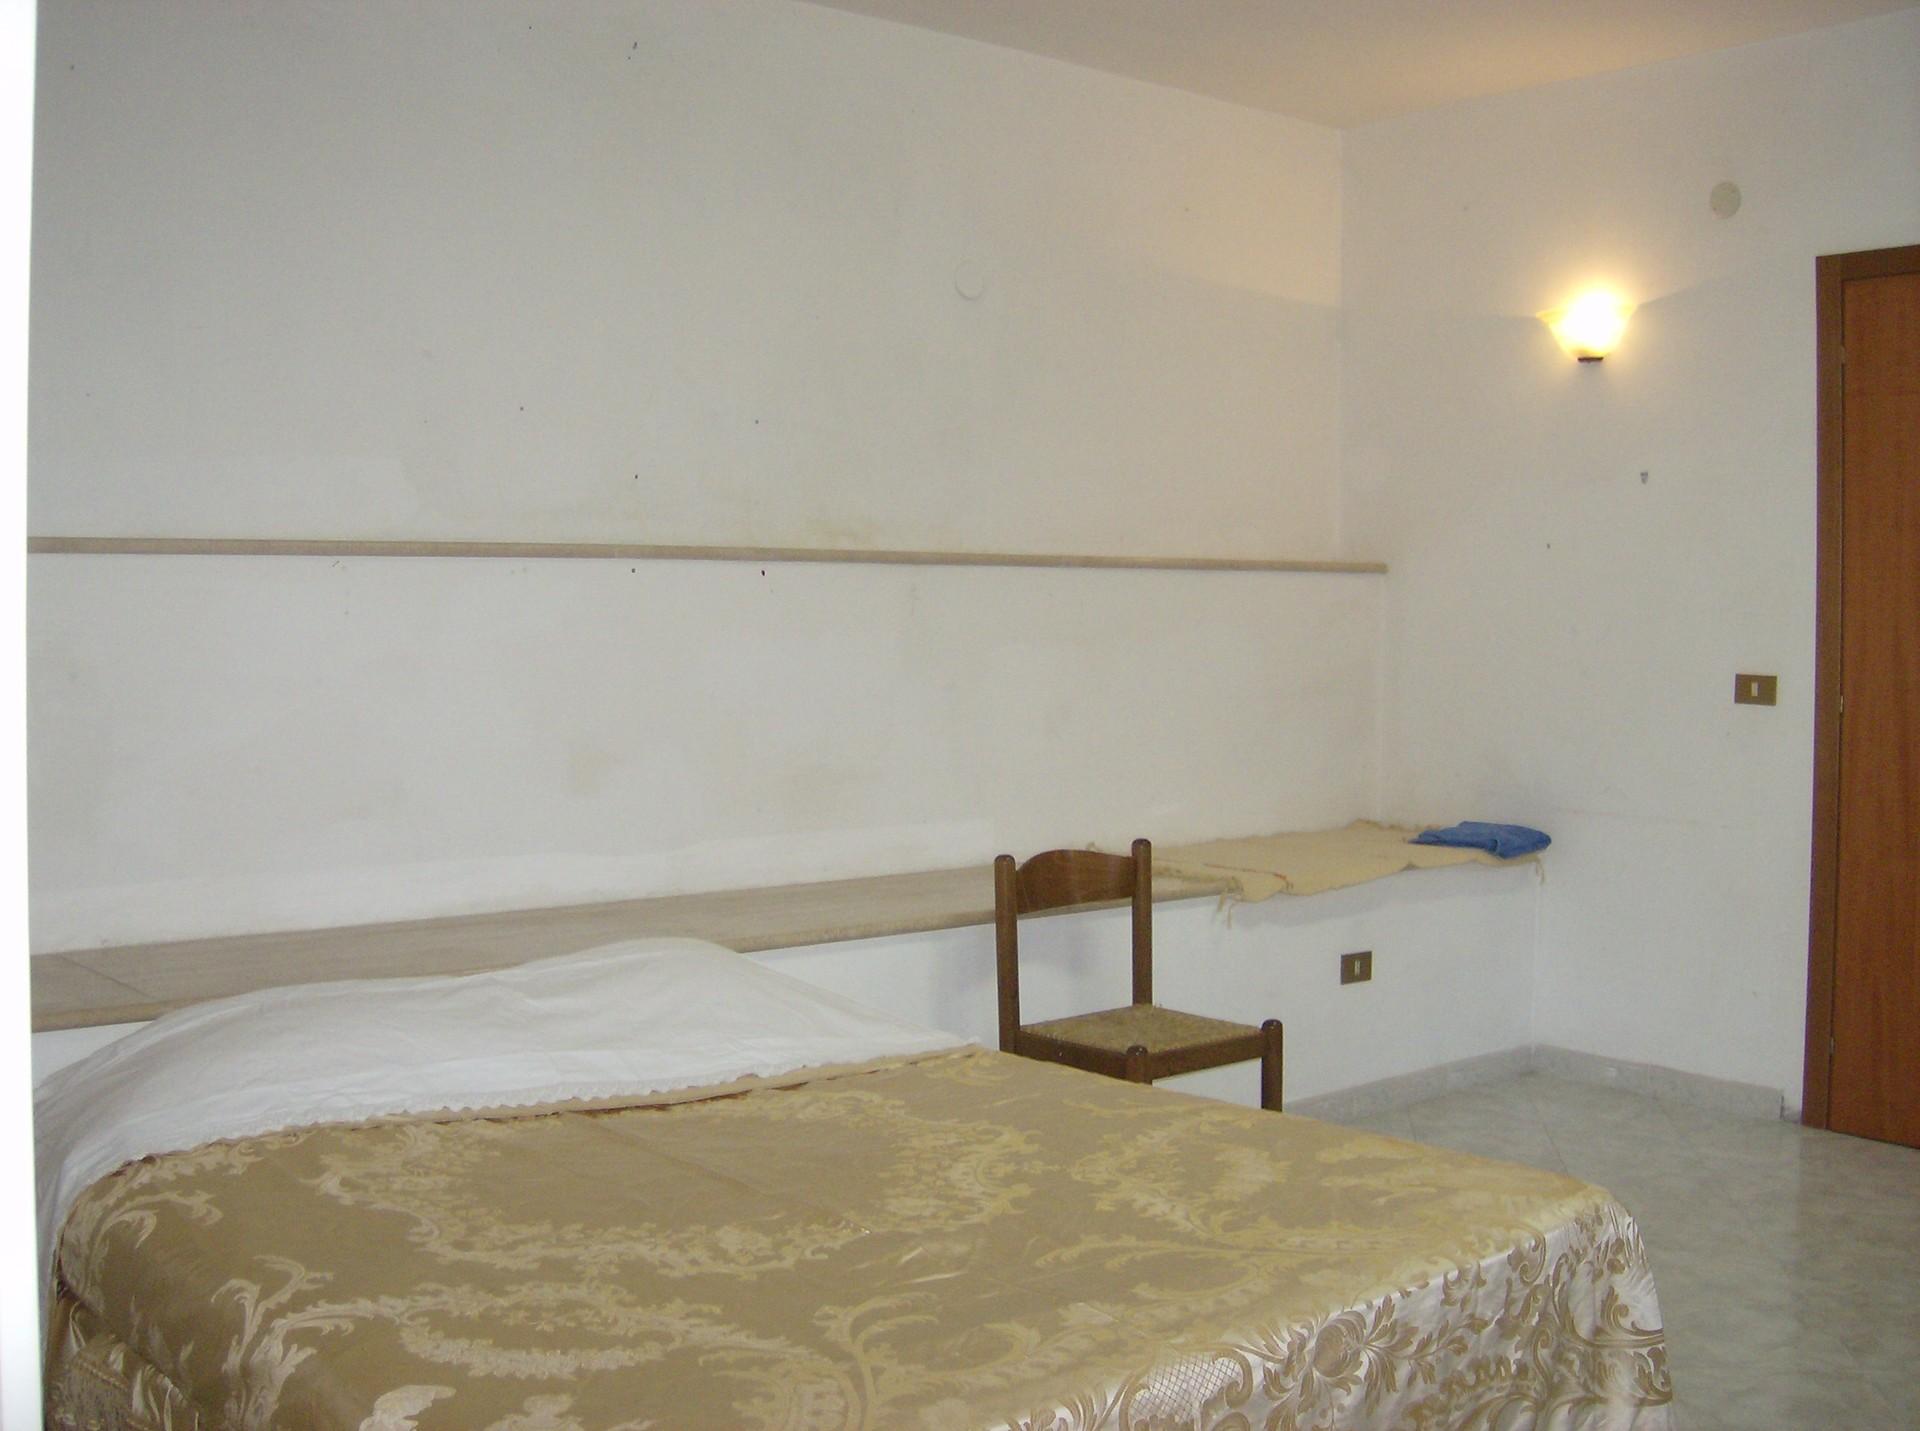 Monolocale con angolo cottura bagno e spazio esterno for Monolocale salerno affitto arredato